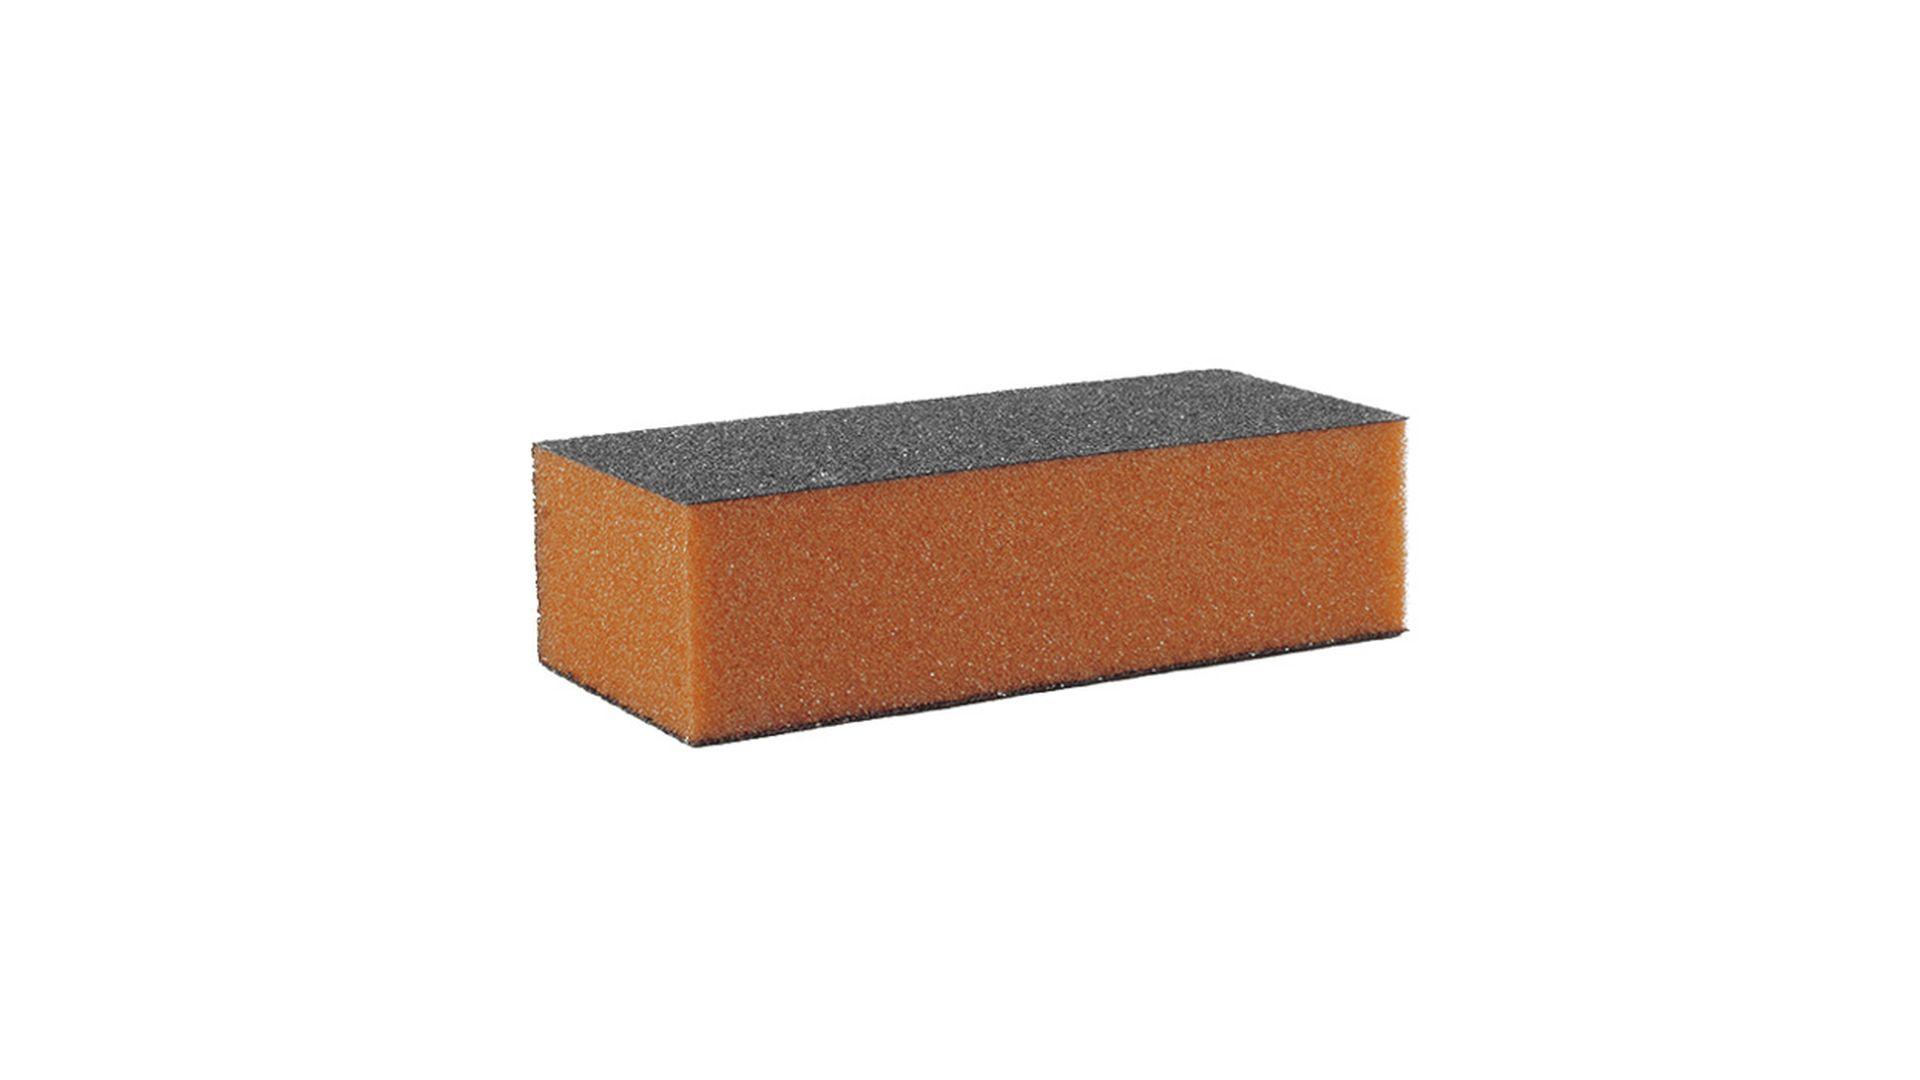 Buffer Schleifblock Premium 3 Seitig Körnung 100/100 schwarz orange